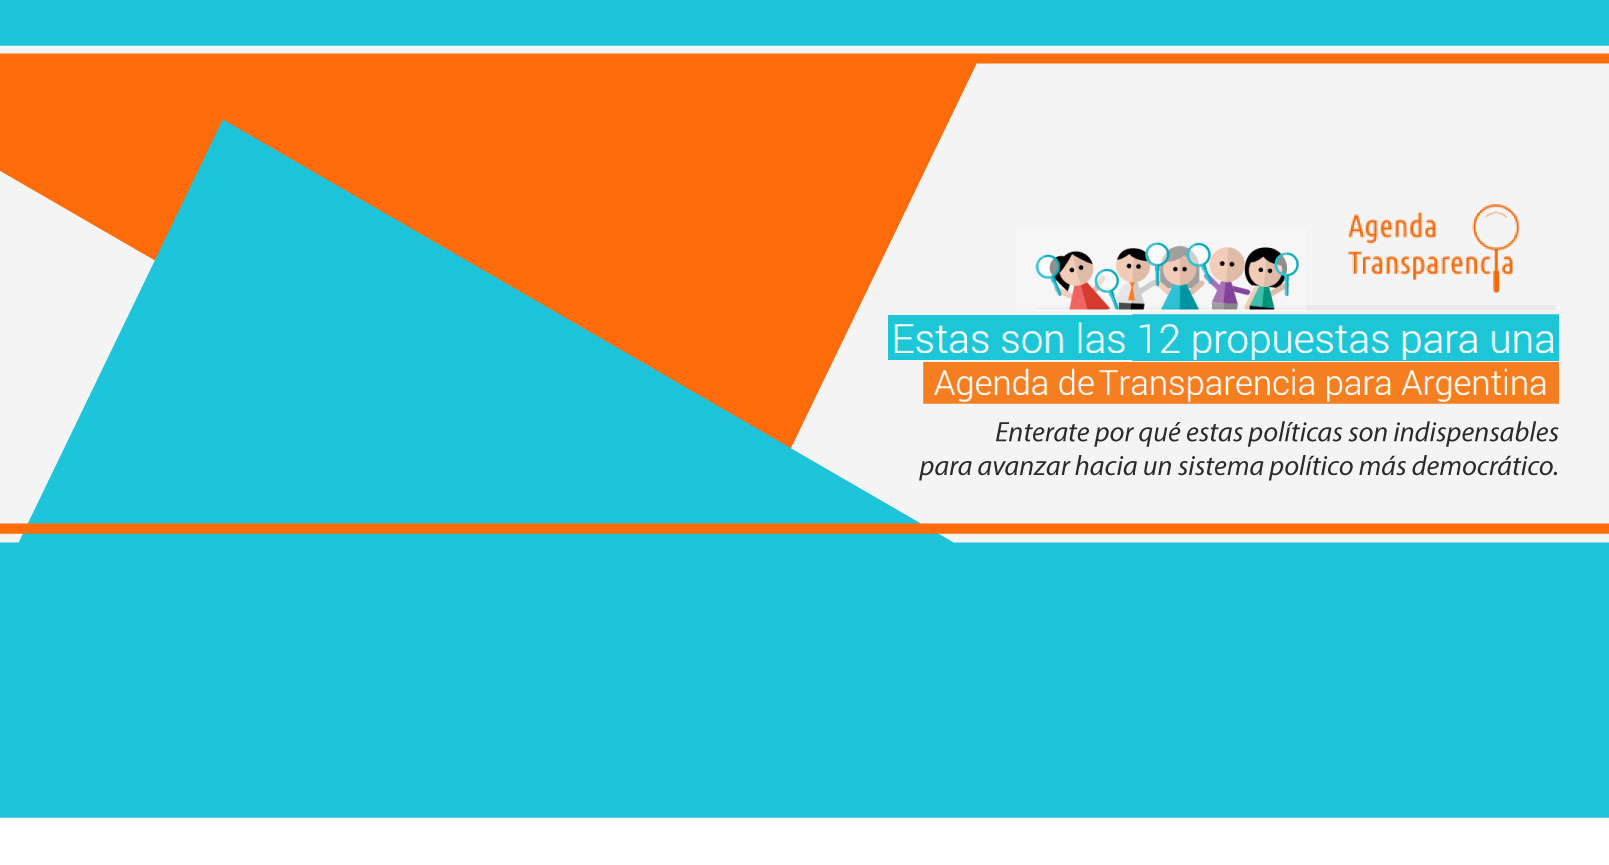 Agenda de Transparencia para Argentina